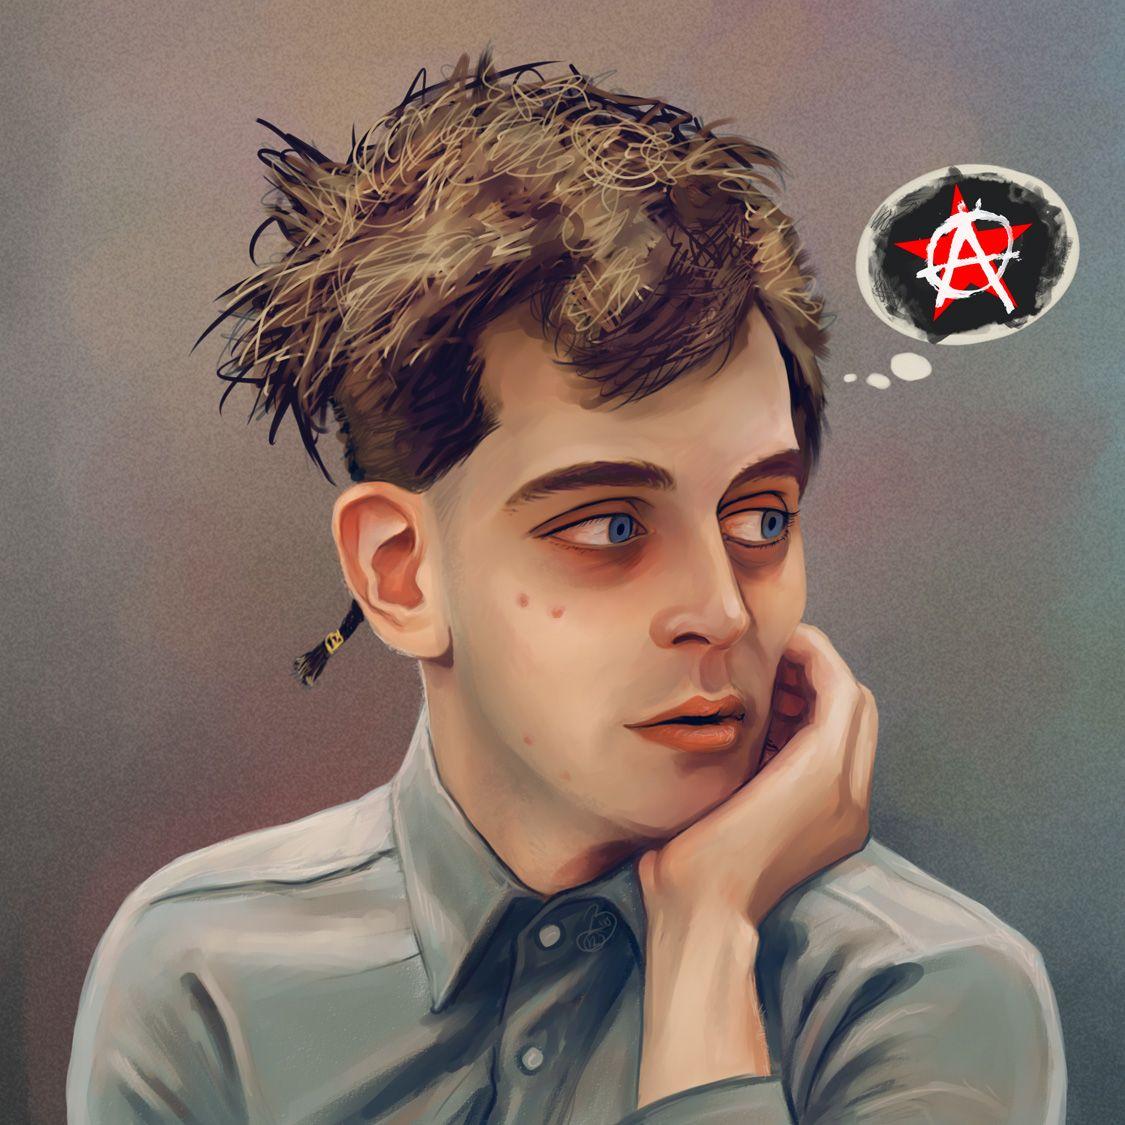 Wannabe Anarchist by Elusive-Angel.deviantart.com on @DeviantArt